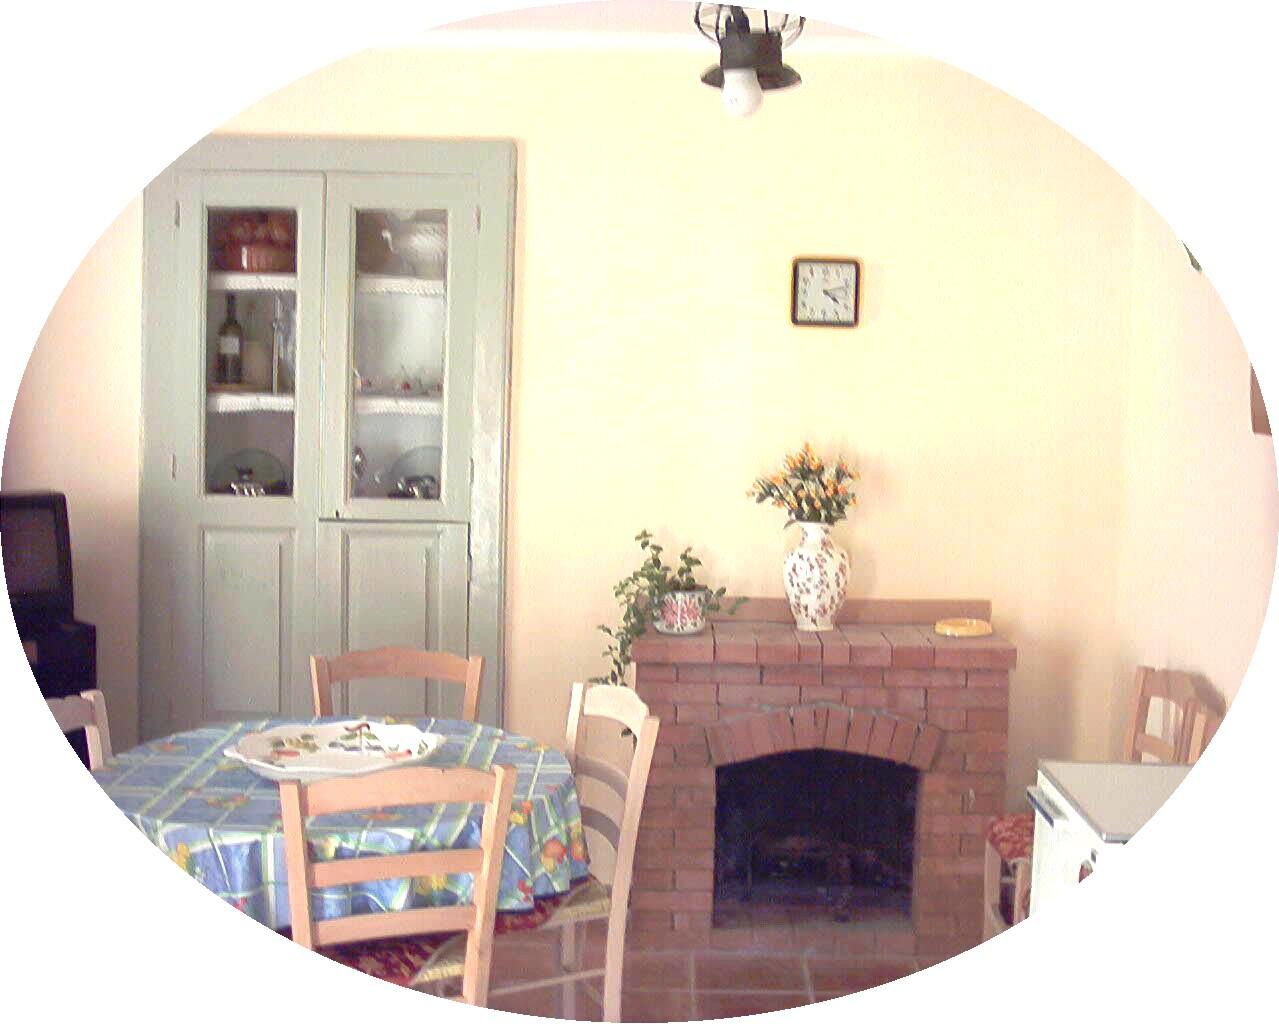 Affitto casa vacanze mare futani